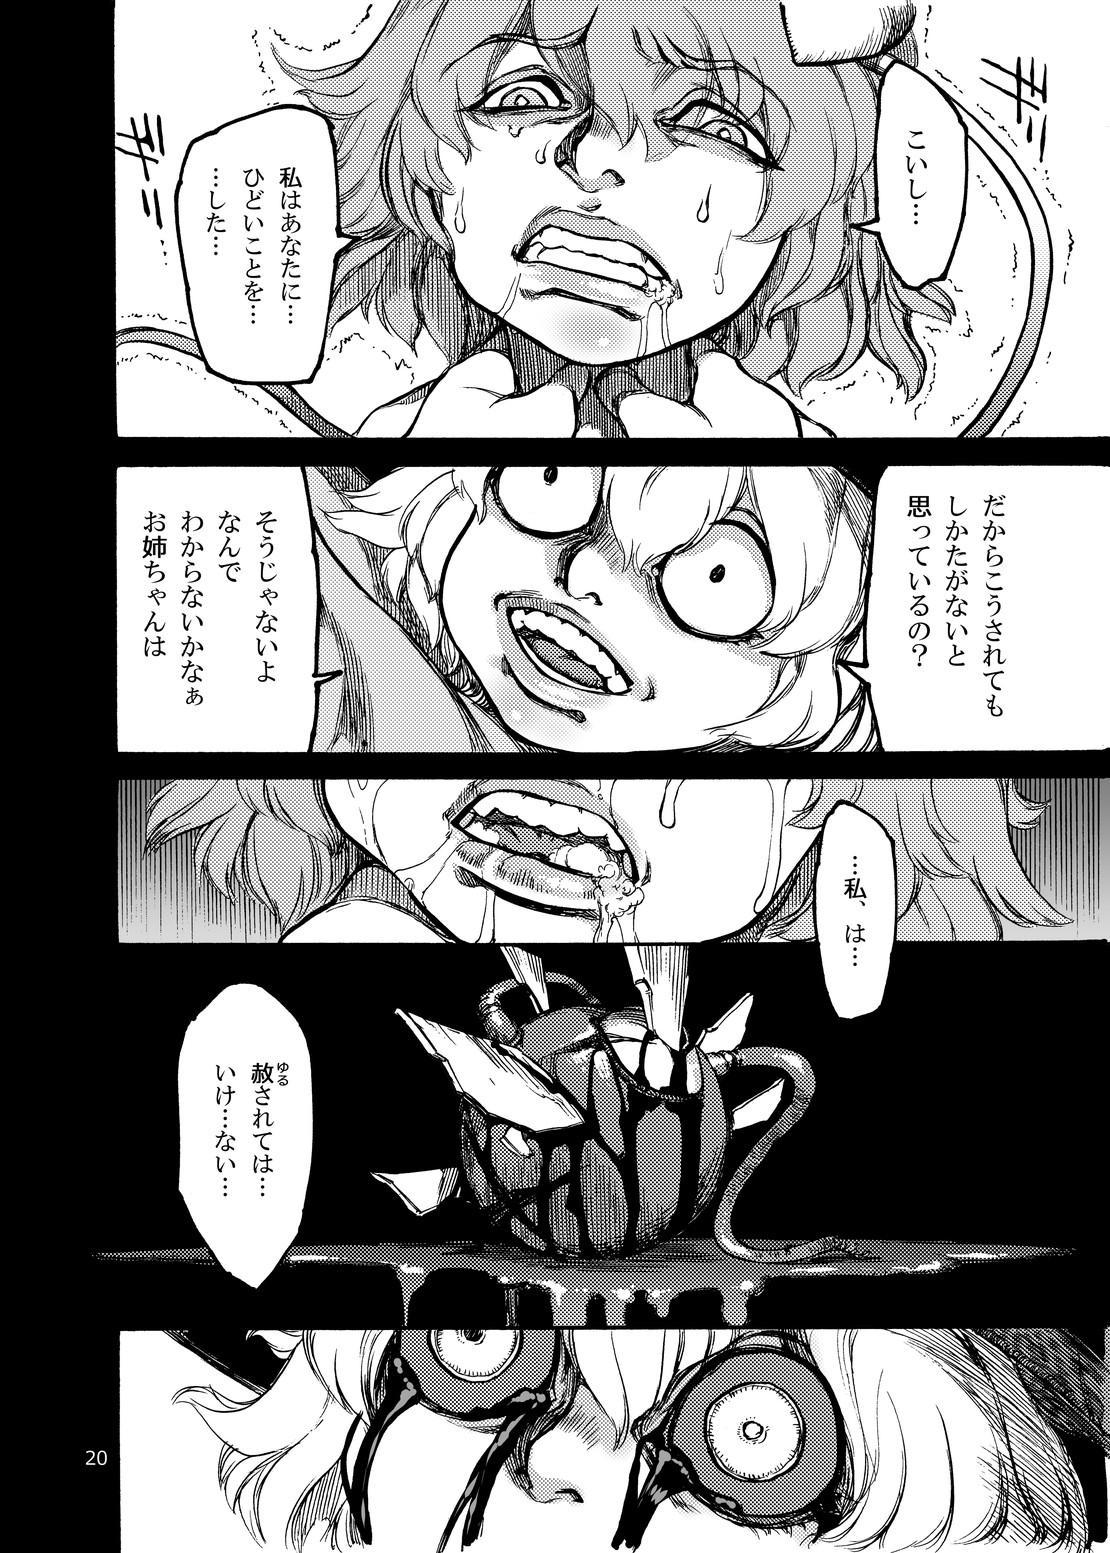 Shikibo Natsu 19